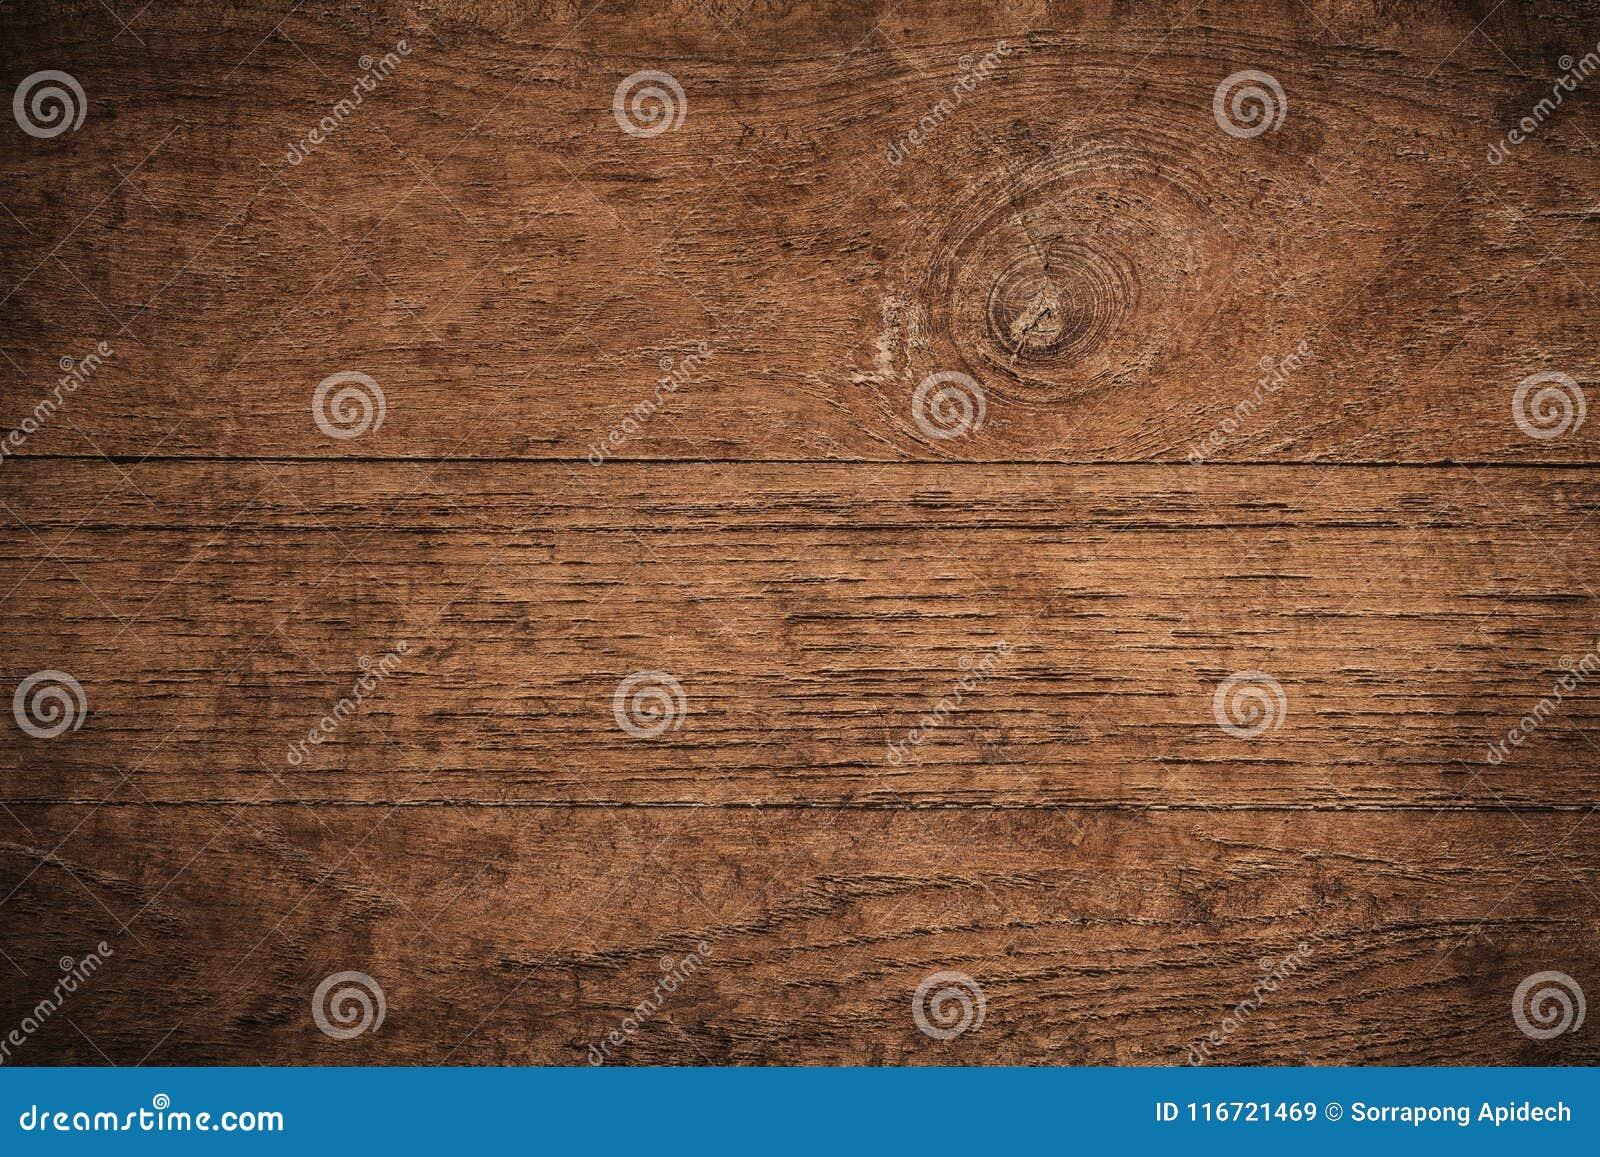 Παλαιό σκοτεινό κατασκευασμένο ξύλινο υπόβαθρο grunge, η επιφάνεια της παλαιάς καφετιάς ξύλινης σύστασης, καφετιά teak τοπ άποψης